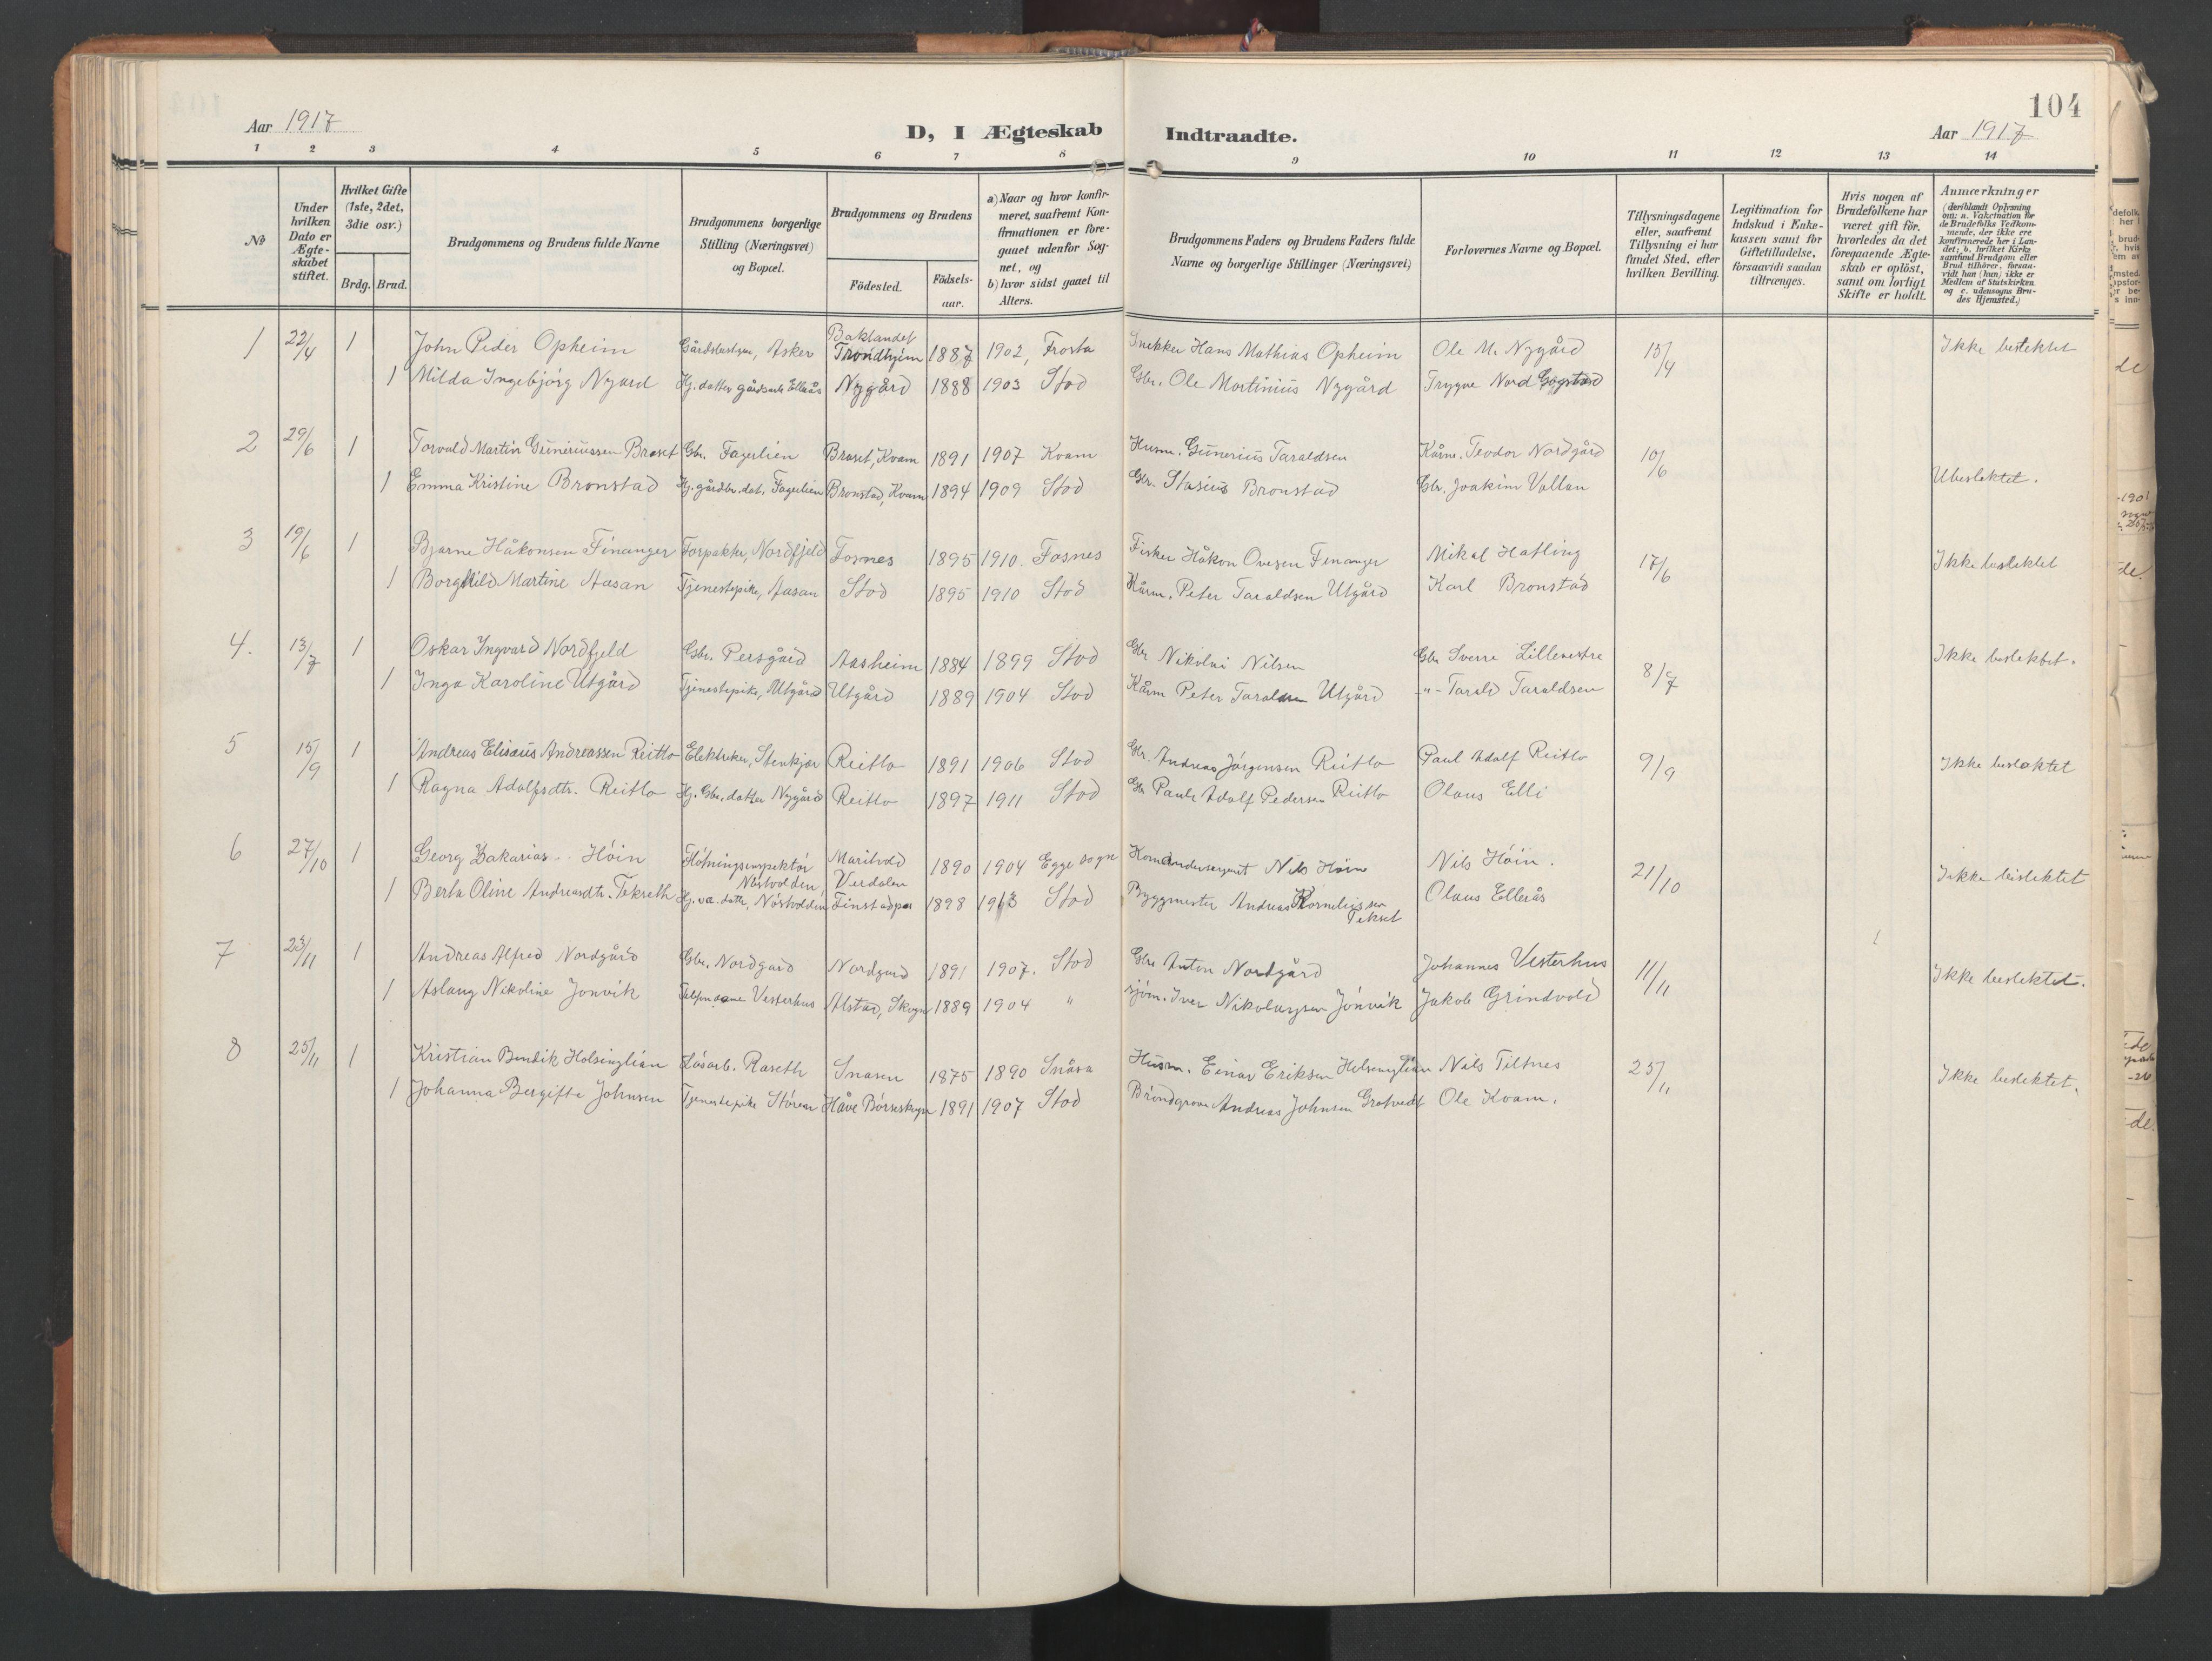 SAT, Ministerialprotokoller, klokkerbøker og fødselsregistre - Nord-Trøndelag, 746/L0455: Klokkerbok nr. 746C01, 1908-1933, s. 104